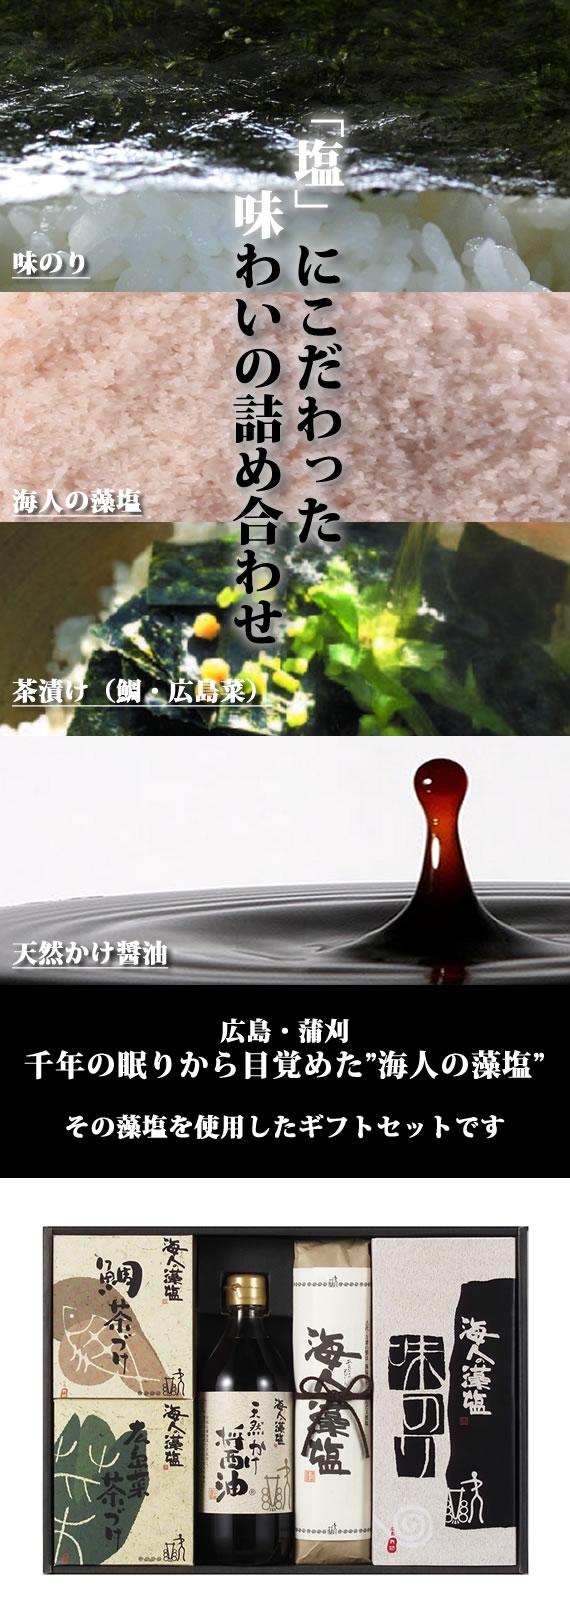 【お歳暮・お中元・手土産・ご贈答に】味のり 海人の藻塩500g 醤油 お茶漬け詰め合せ(MM-50)【乾物・缶詰・瓶詰・調味料】